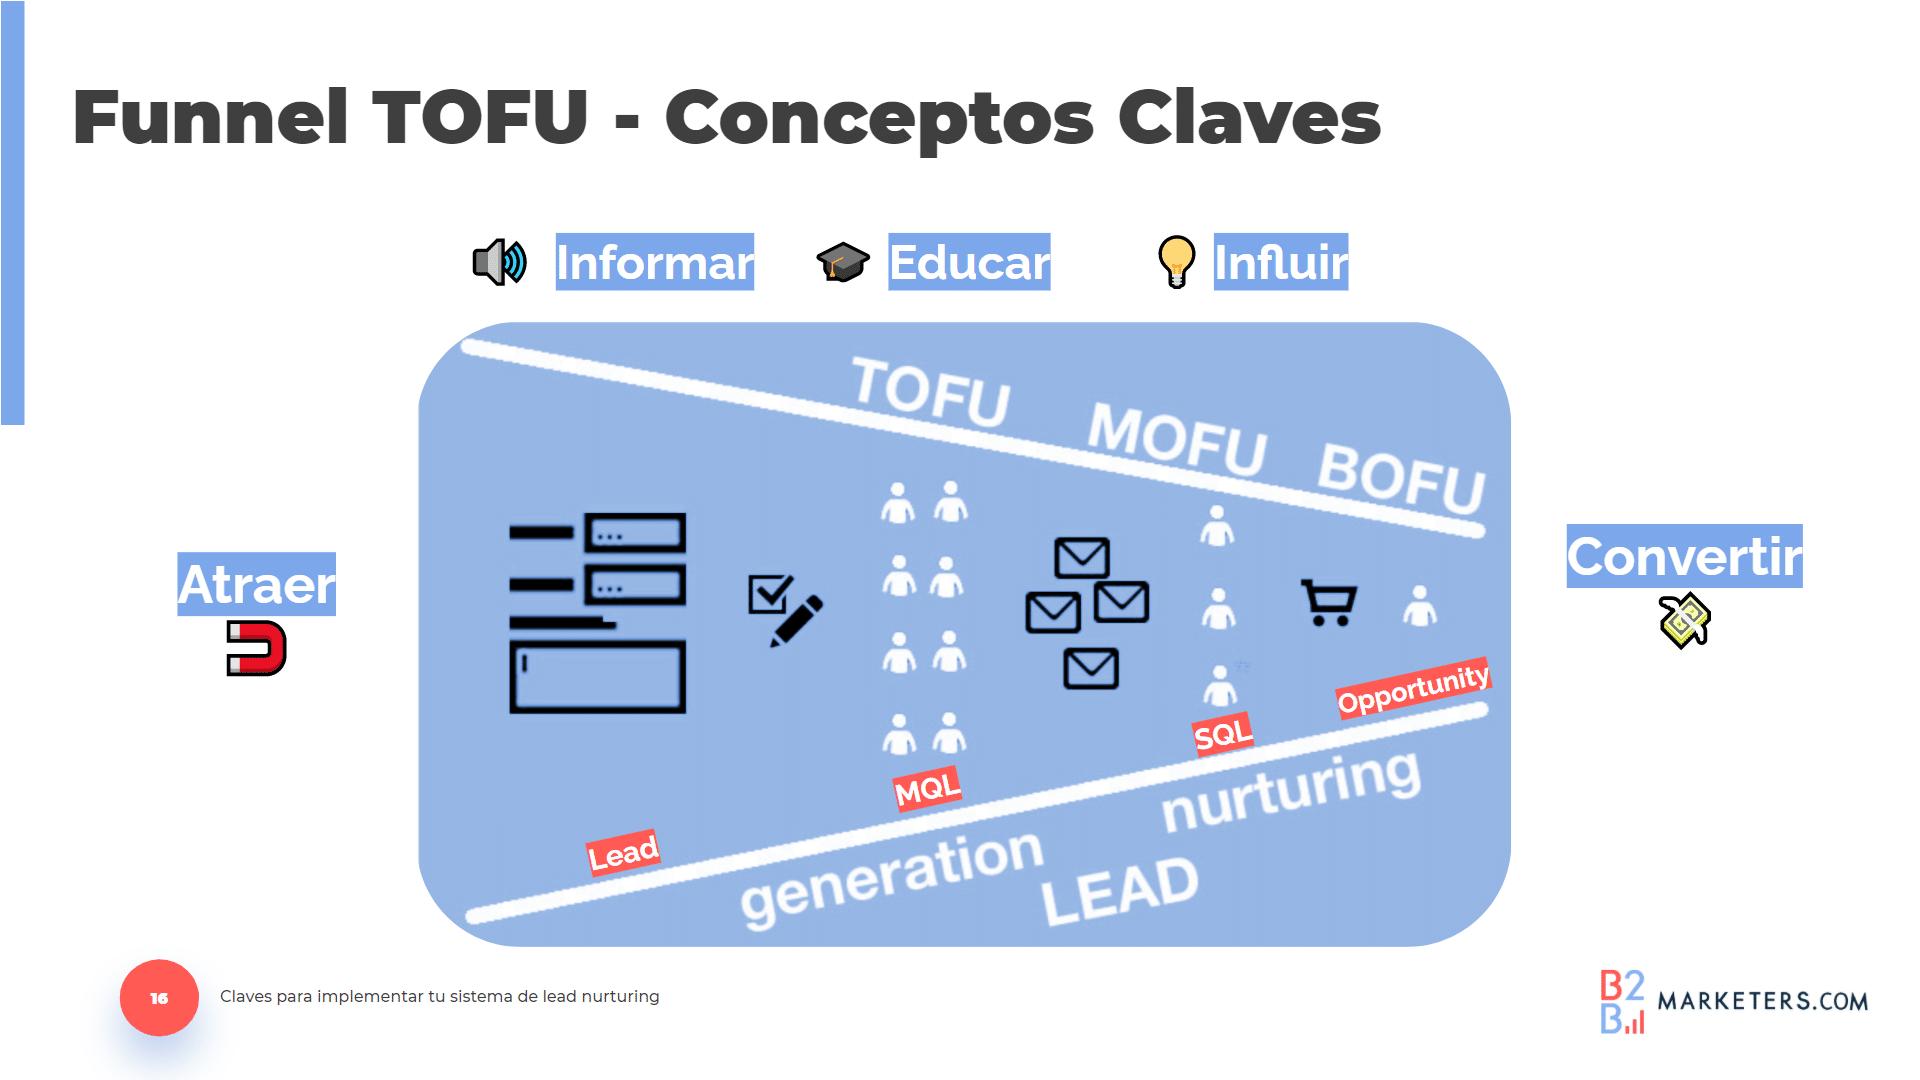 El TOFU, MOFU y BOFU son conceptos claves del funnel de conversión de Lead Nurturing